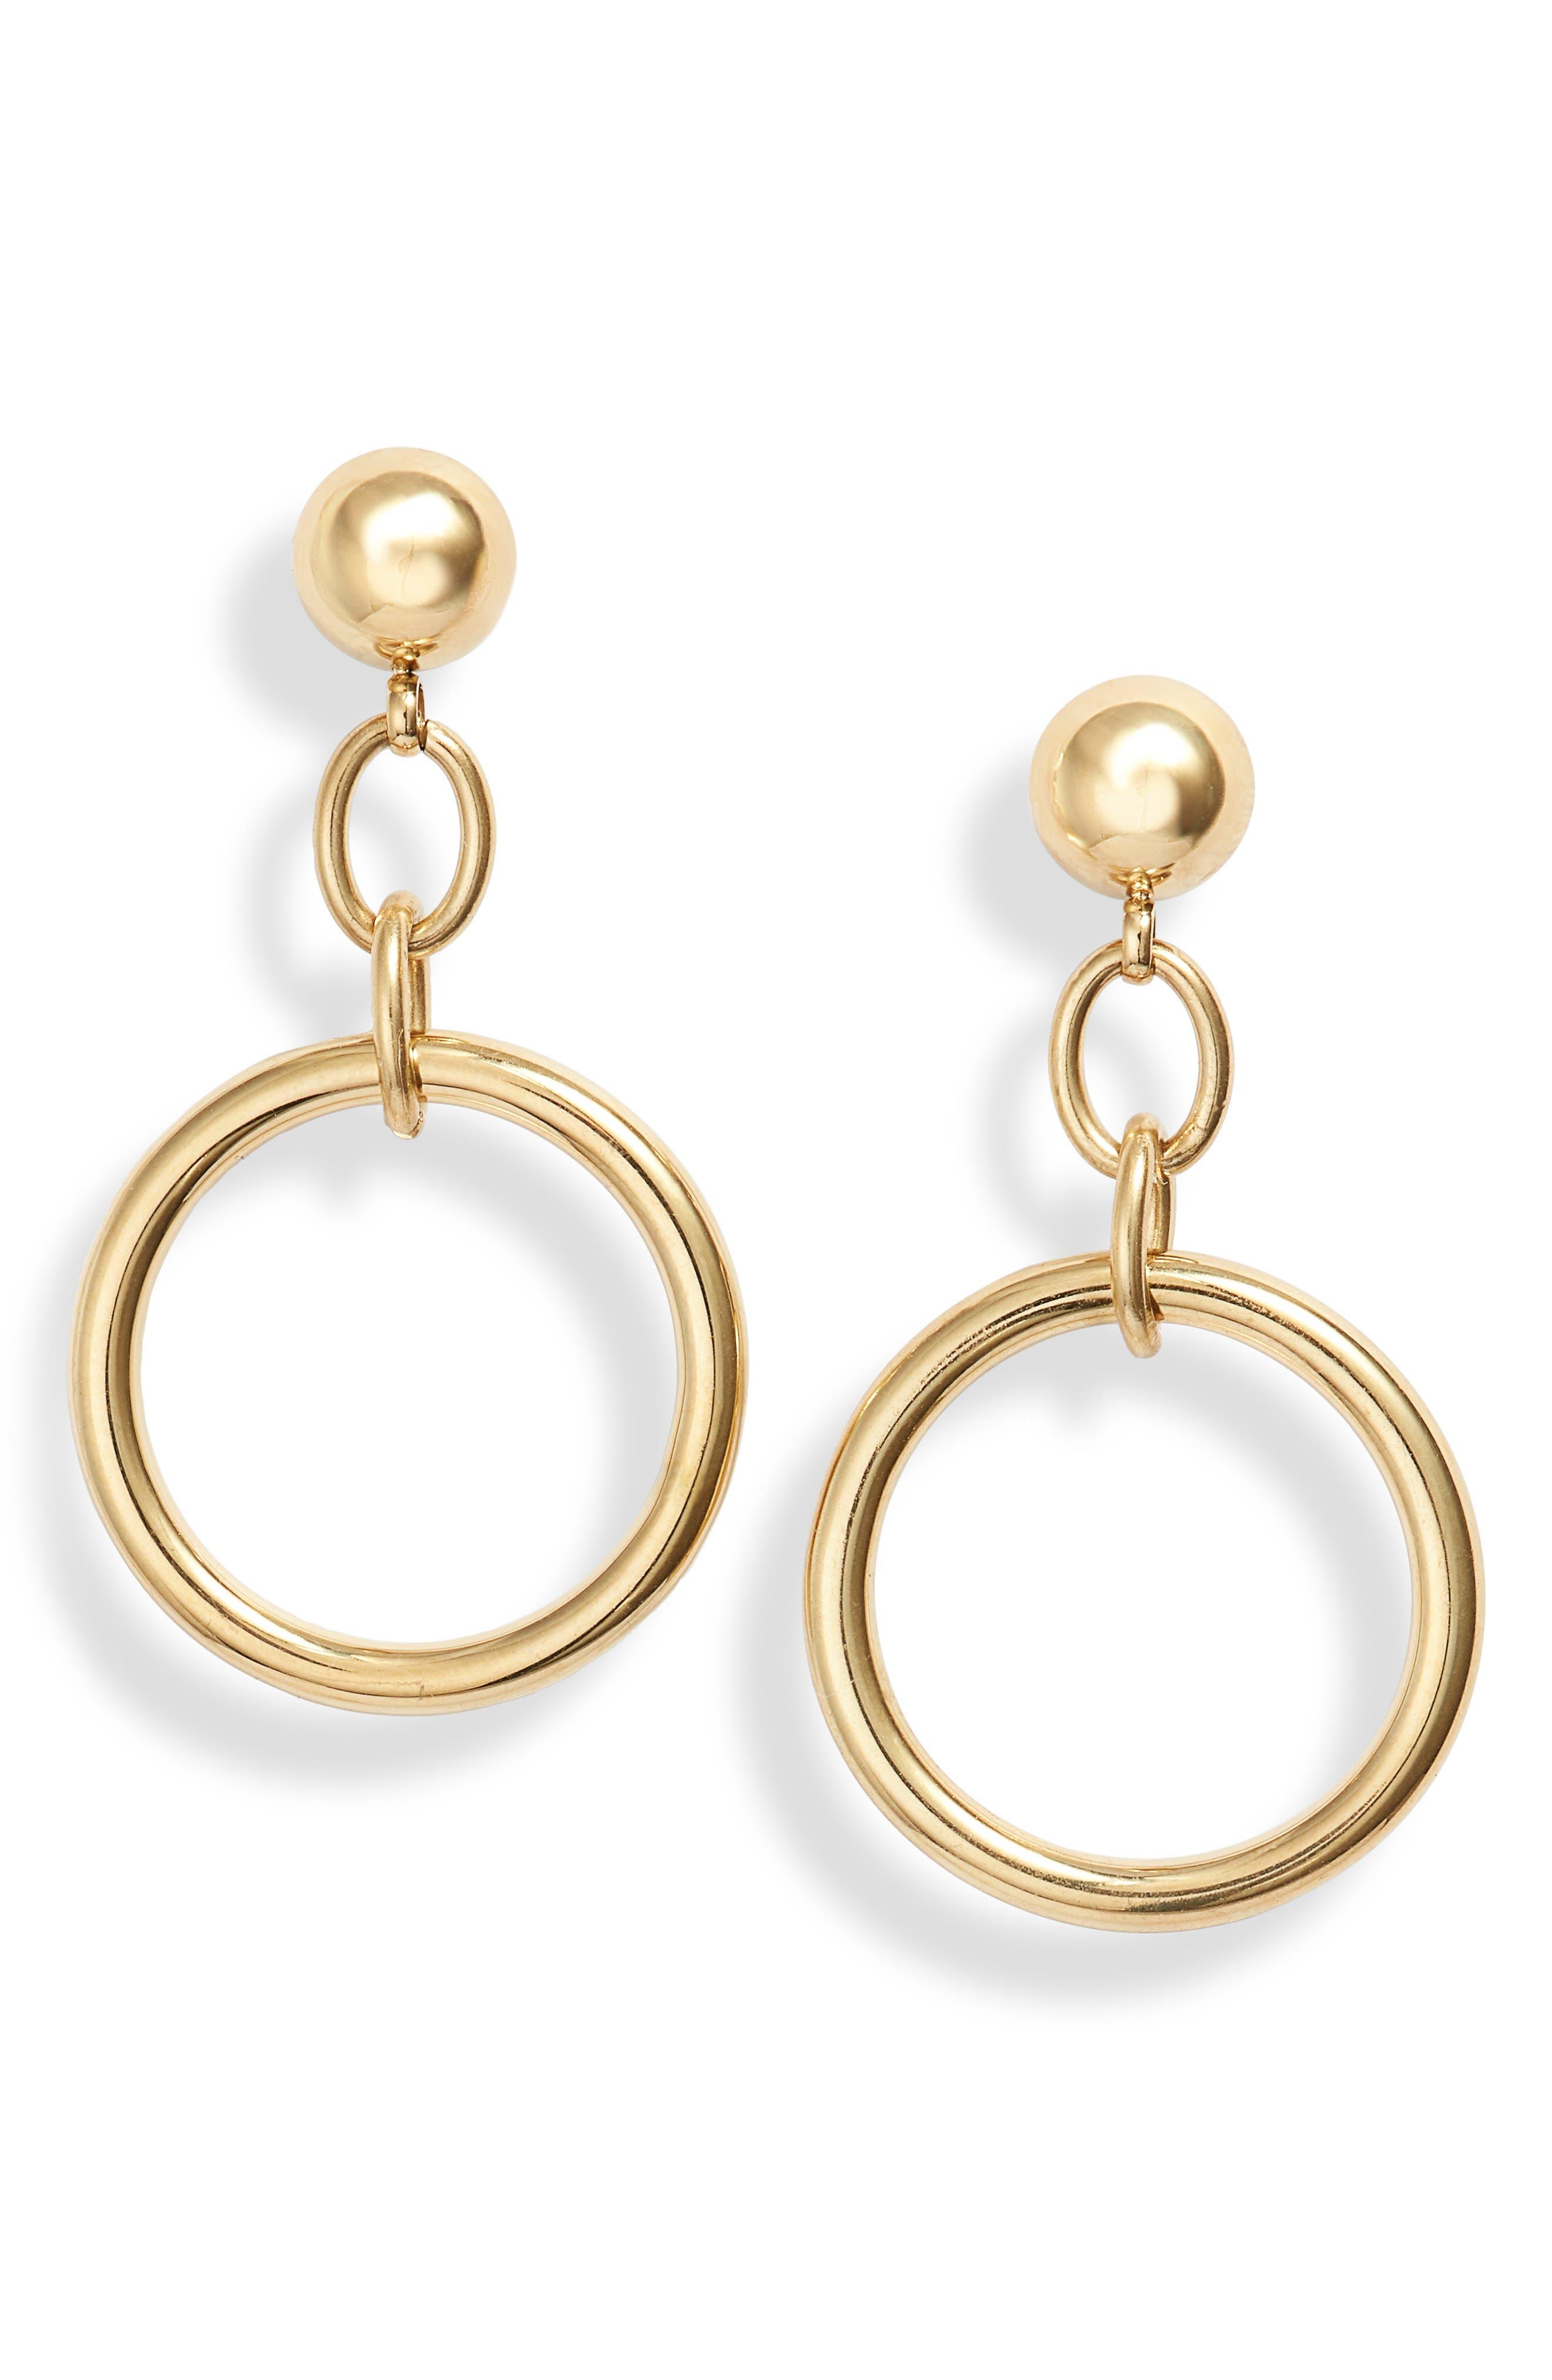 Chain Link Hoop Drop Earrings